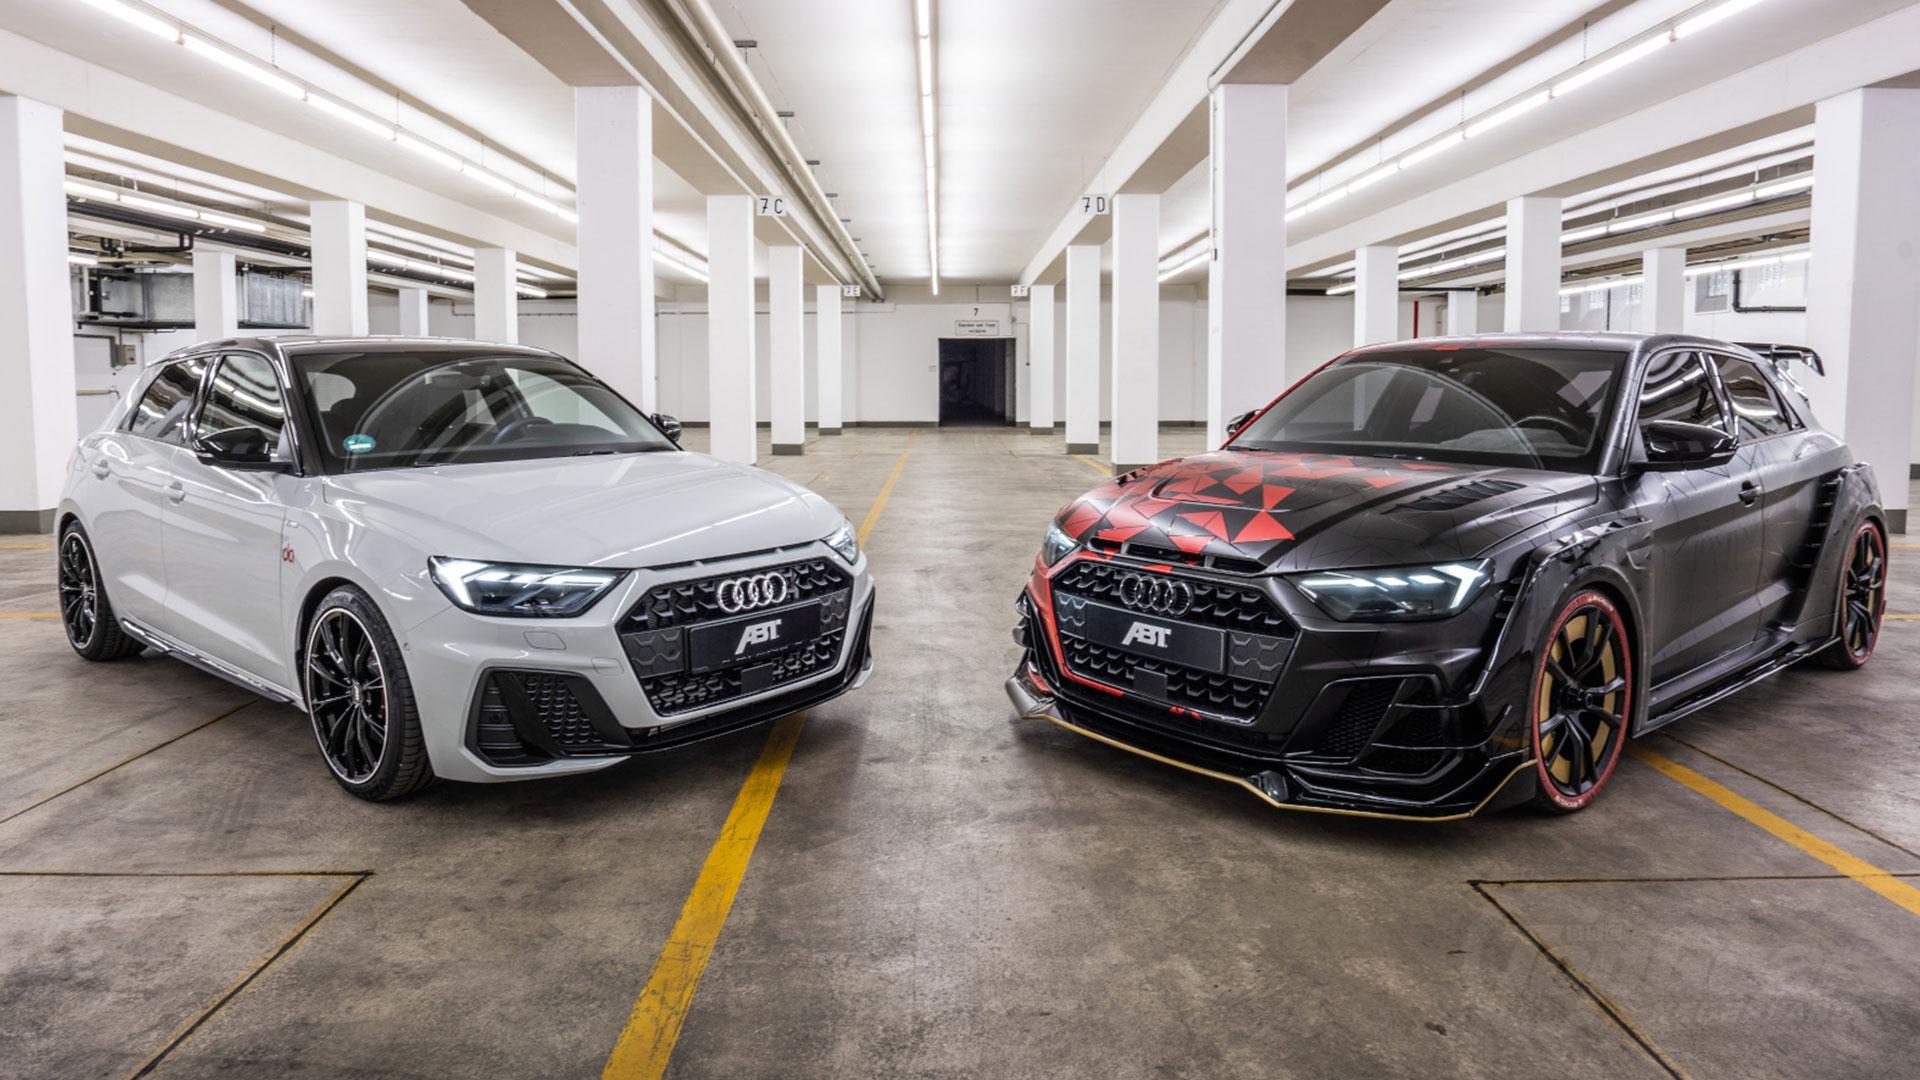 Abt Audi A1 1of1